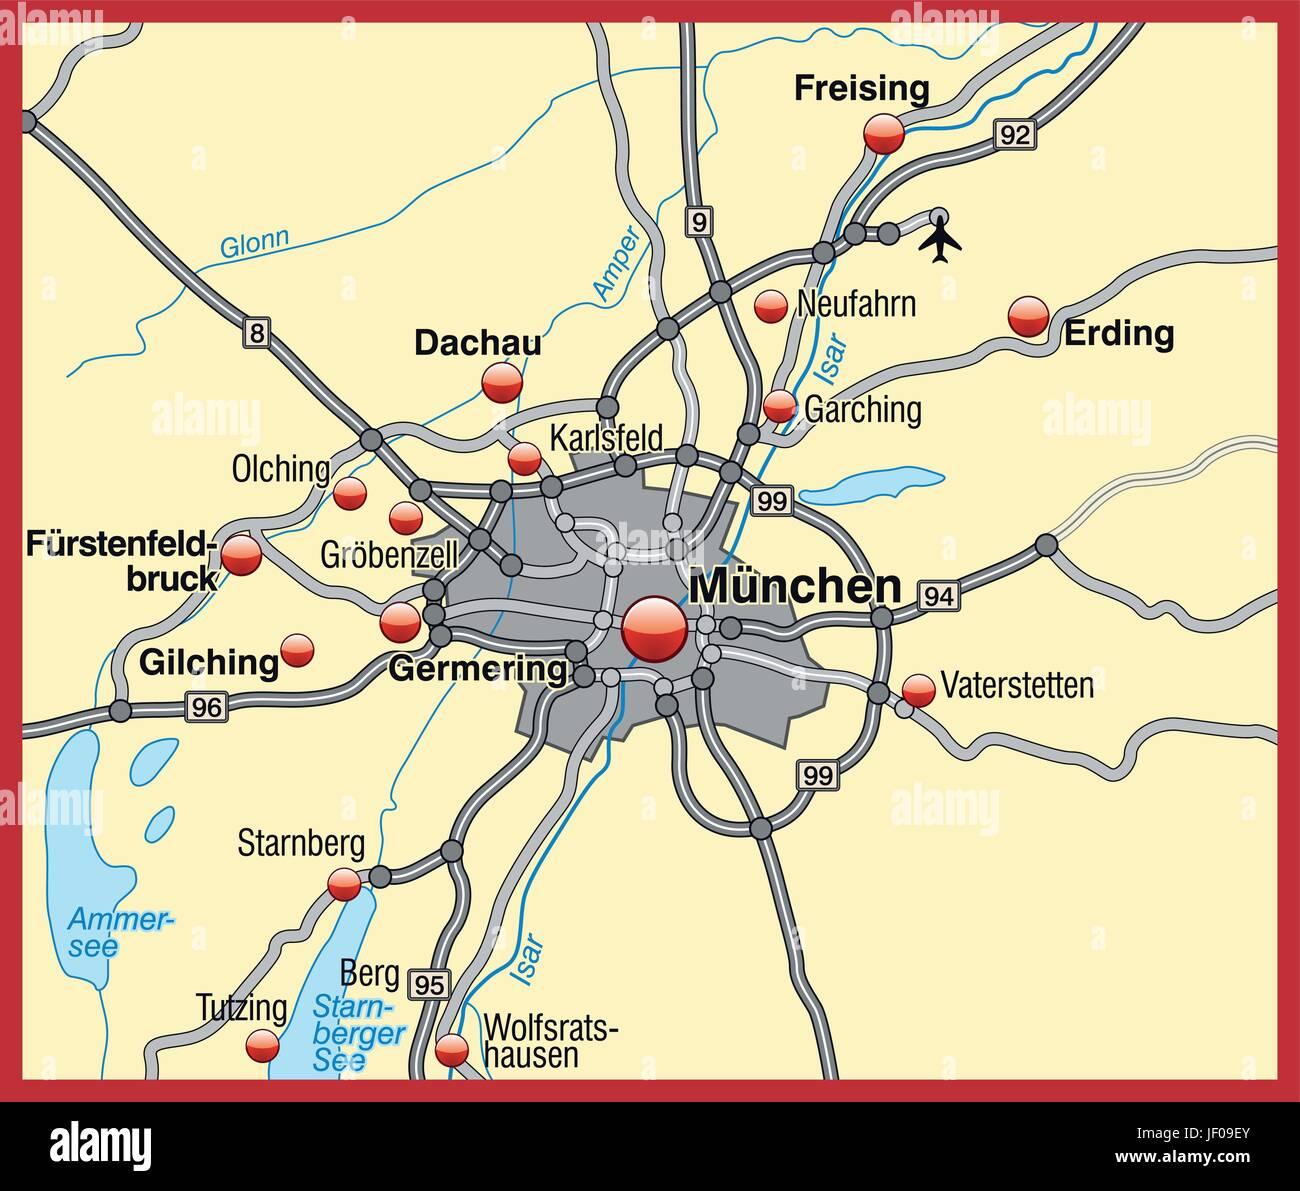 Munchen Grenze Karte Synopse Grenzen Atlas Weltkarte